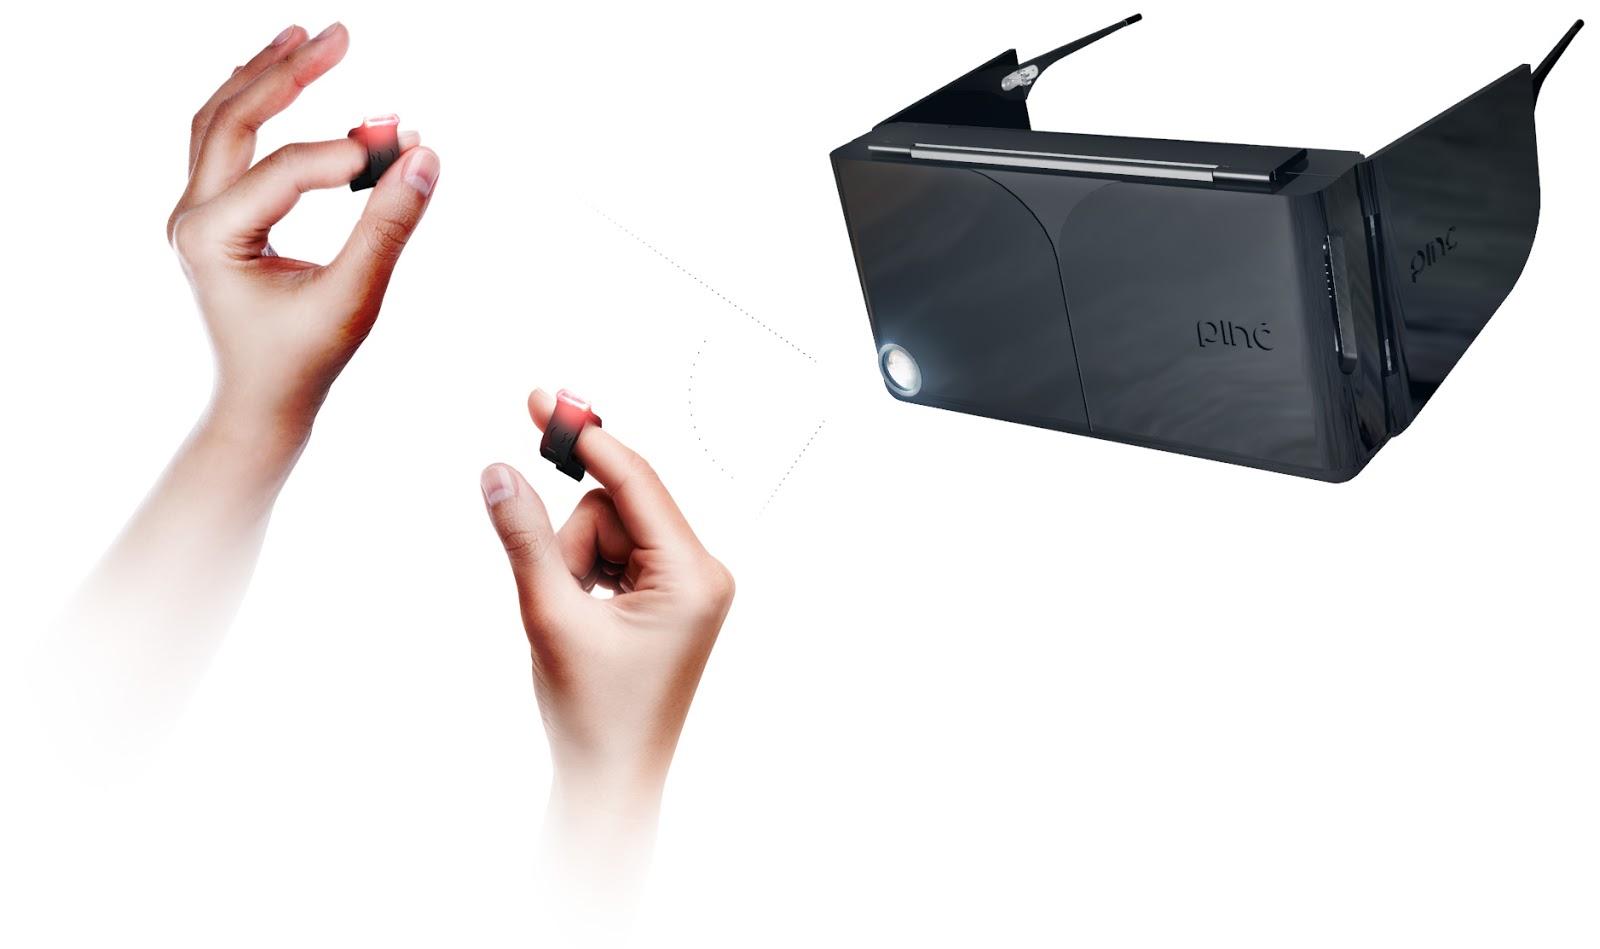 Pinć VR este un nou proiect pe Indiegogo ce vrea să aducă realitatea virtuală și pe iOS